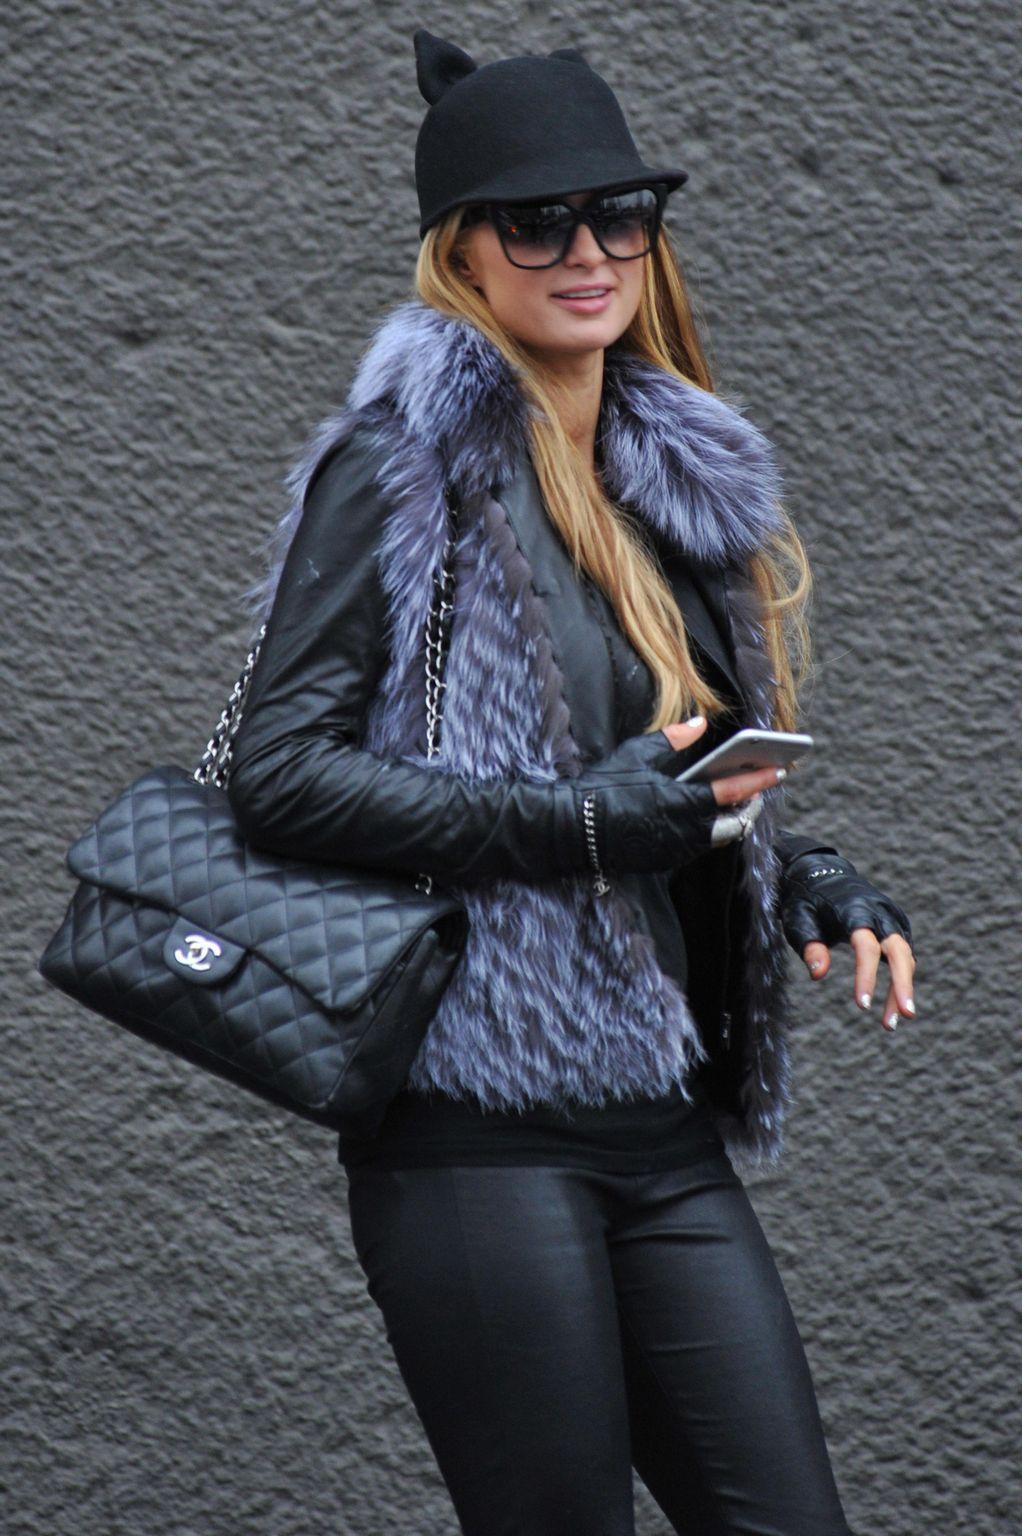 Paris Hilton seen in Milan